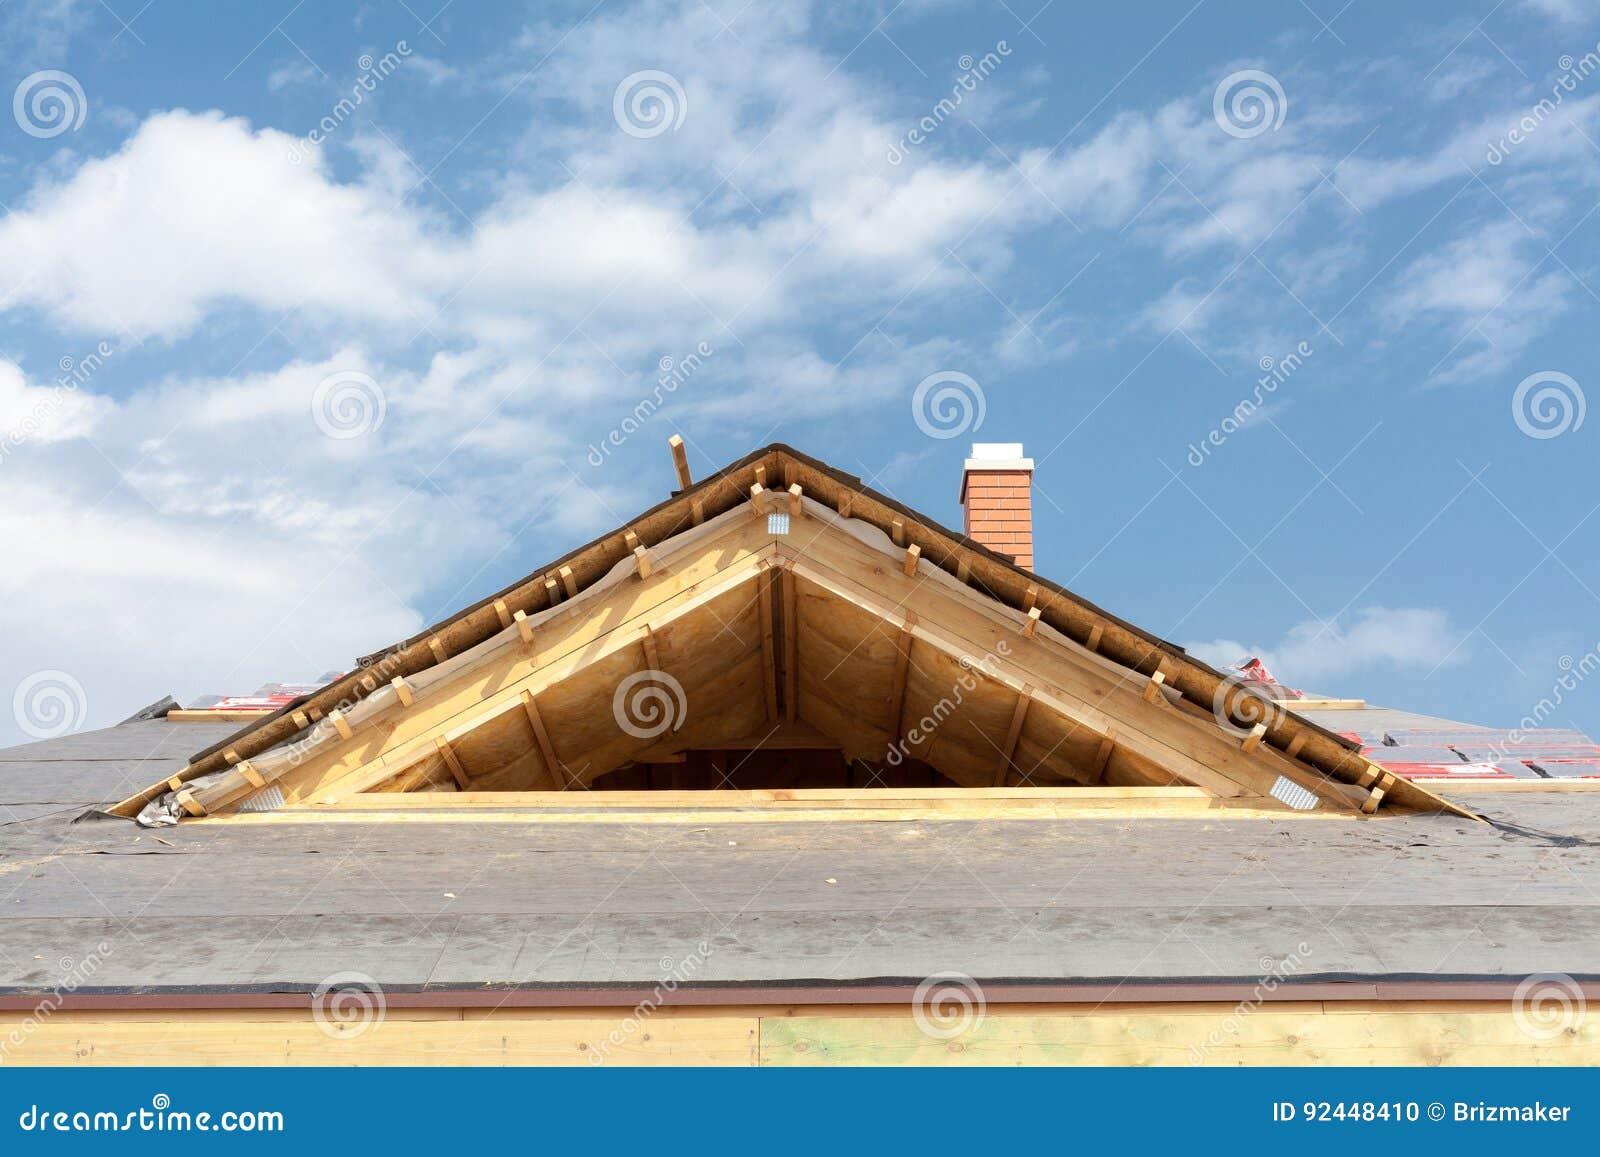 Νέο σπίτι πλαισίων κάτω από την κατασκευή Στέγη με τα βότσαλα ασφάλτου, την καπνοδόχο και το υλικό μόνωσης